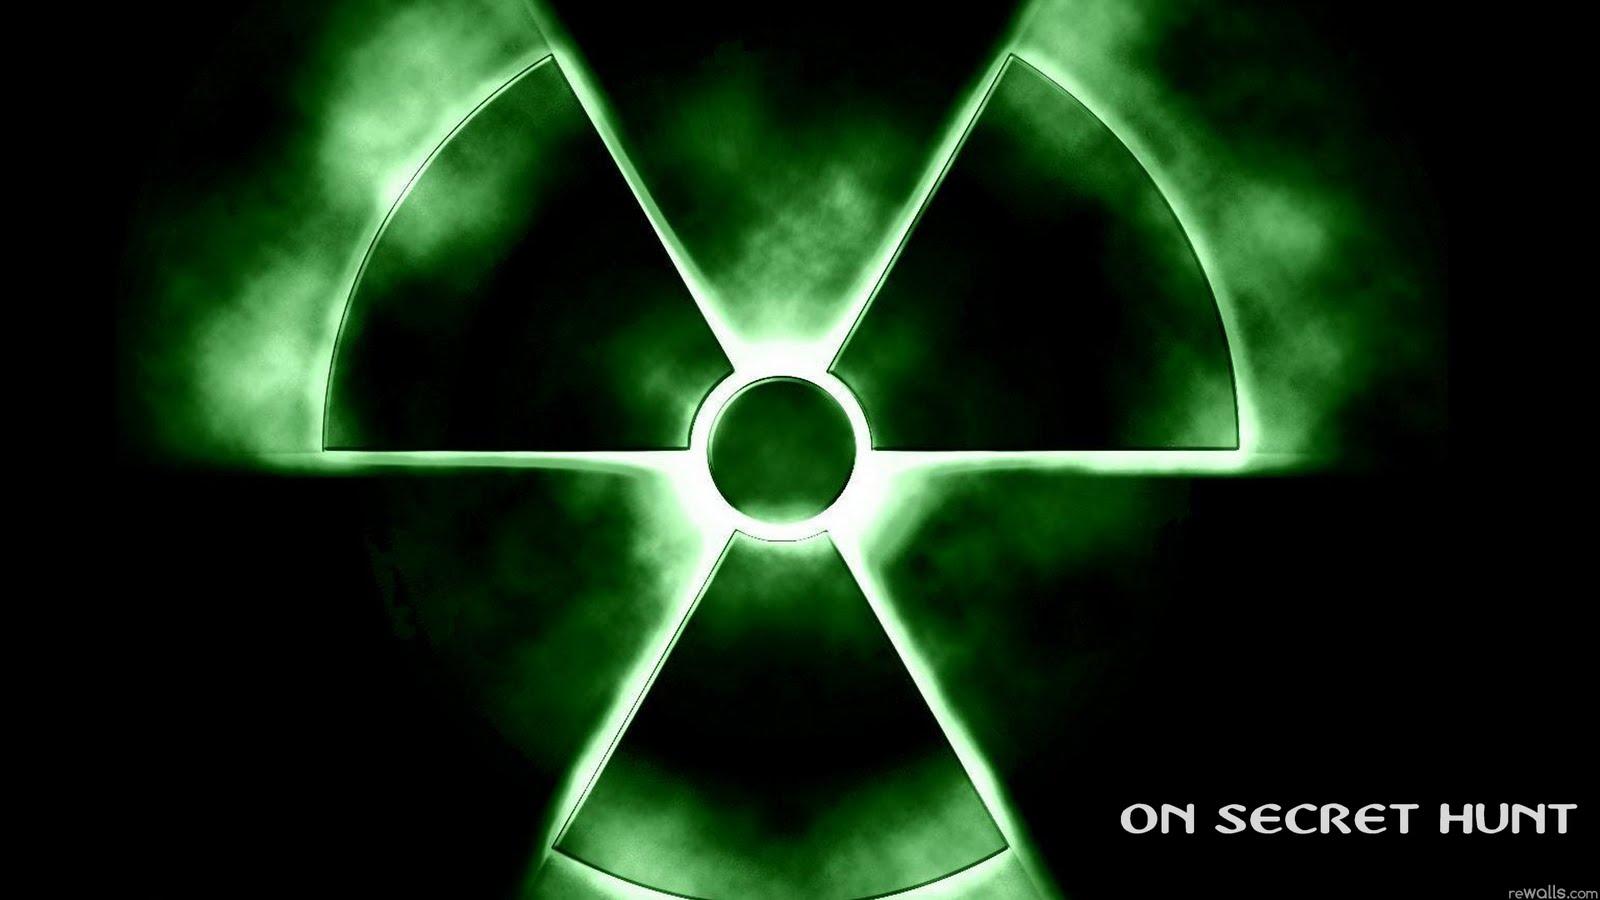 http://1.bp.blogspot.com/-BpDz2fpsZBs/TmdQN2k1xVI/AAAAAAAAAq4/M-iI-Sg9pSs/s1600/green-nuclear-danger-1080p-hd-wallpaper.jpg